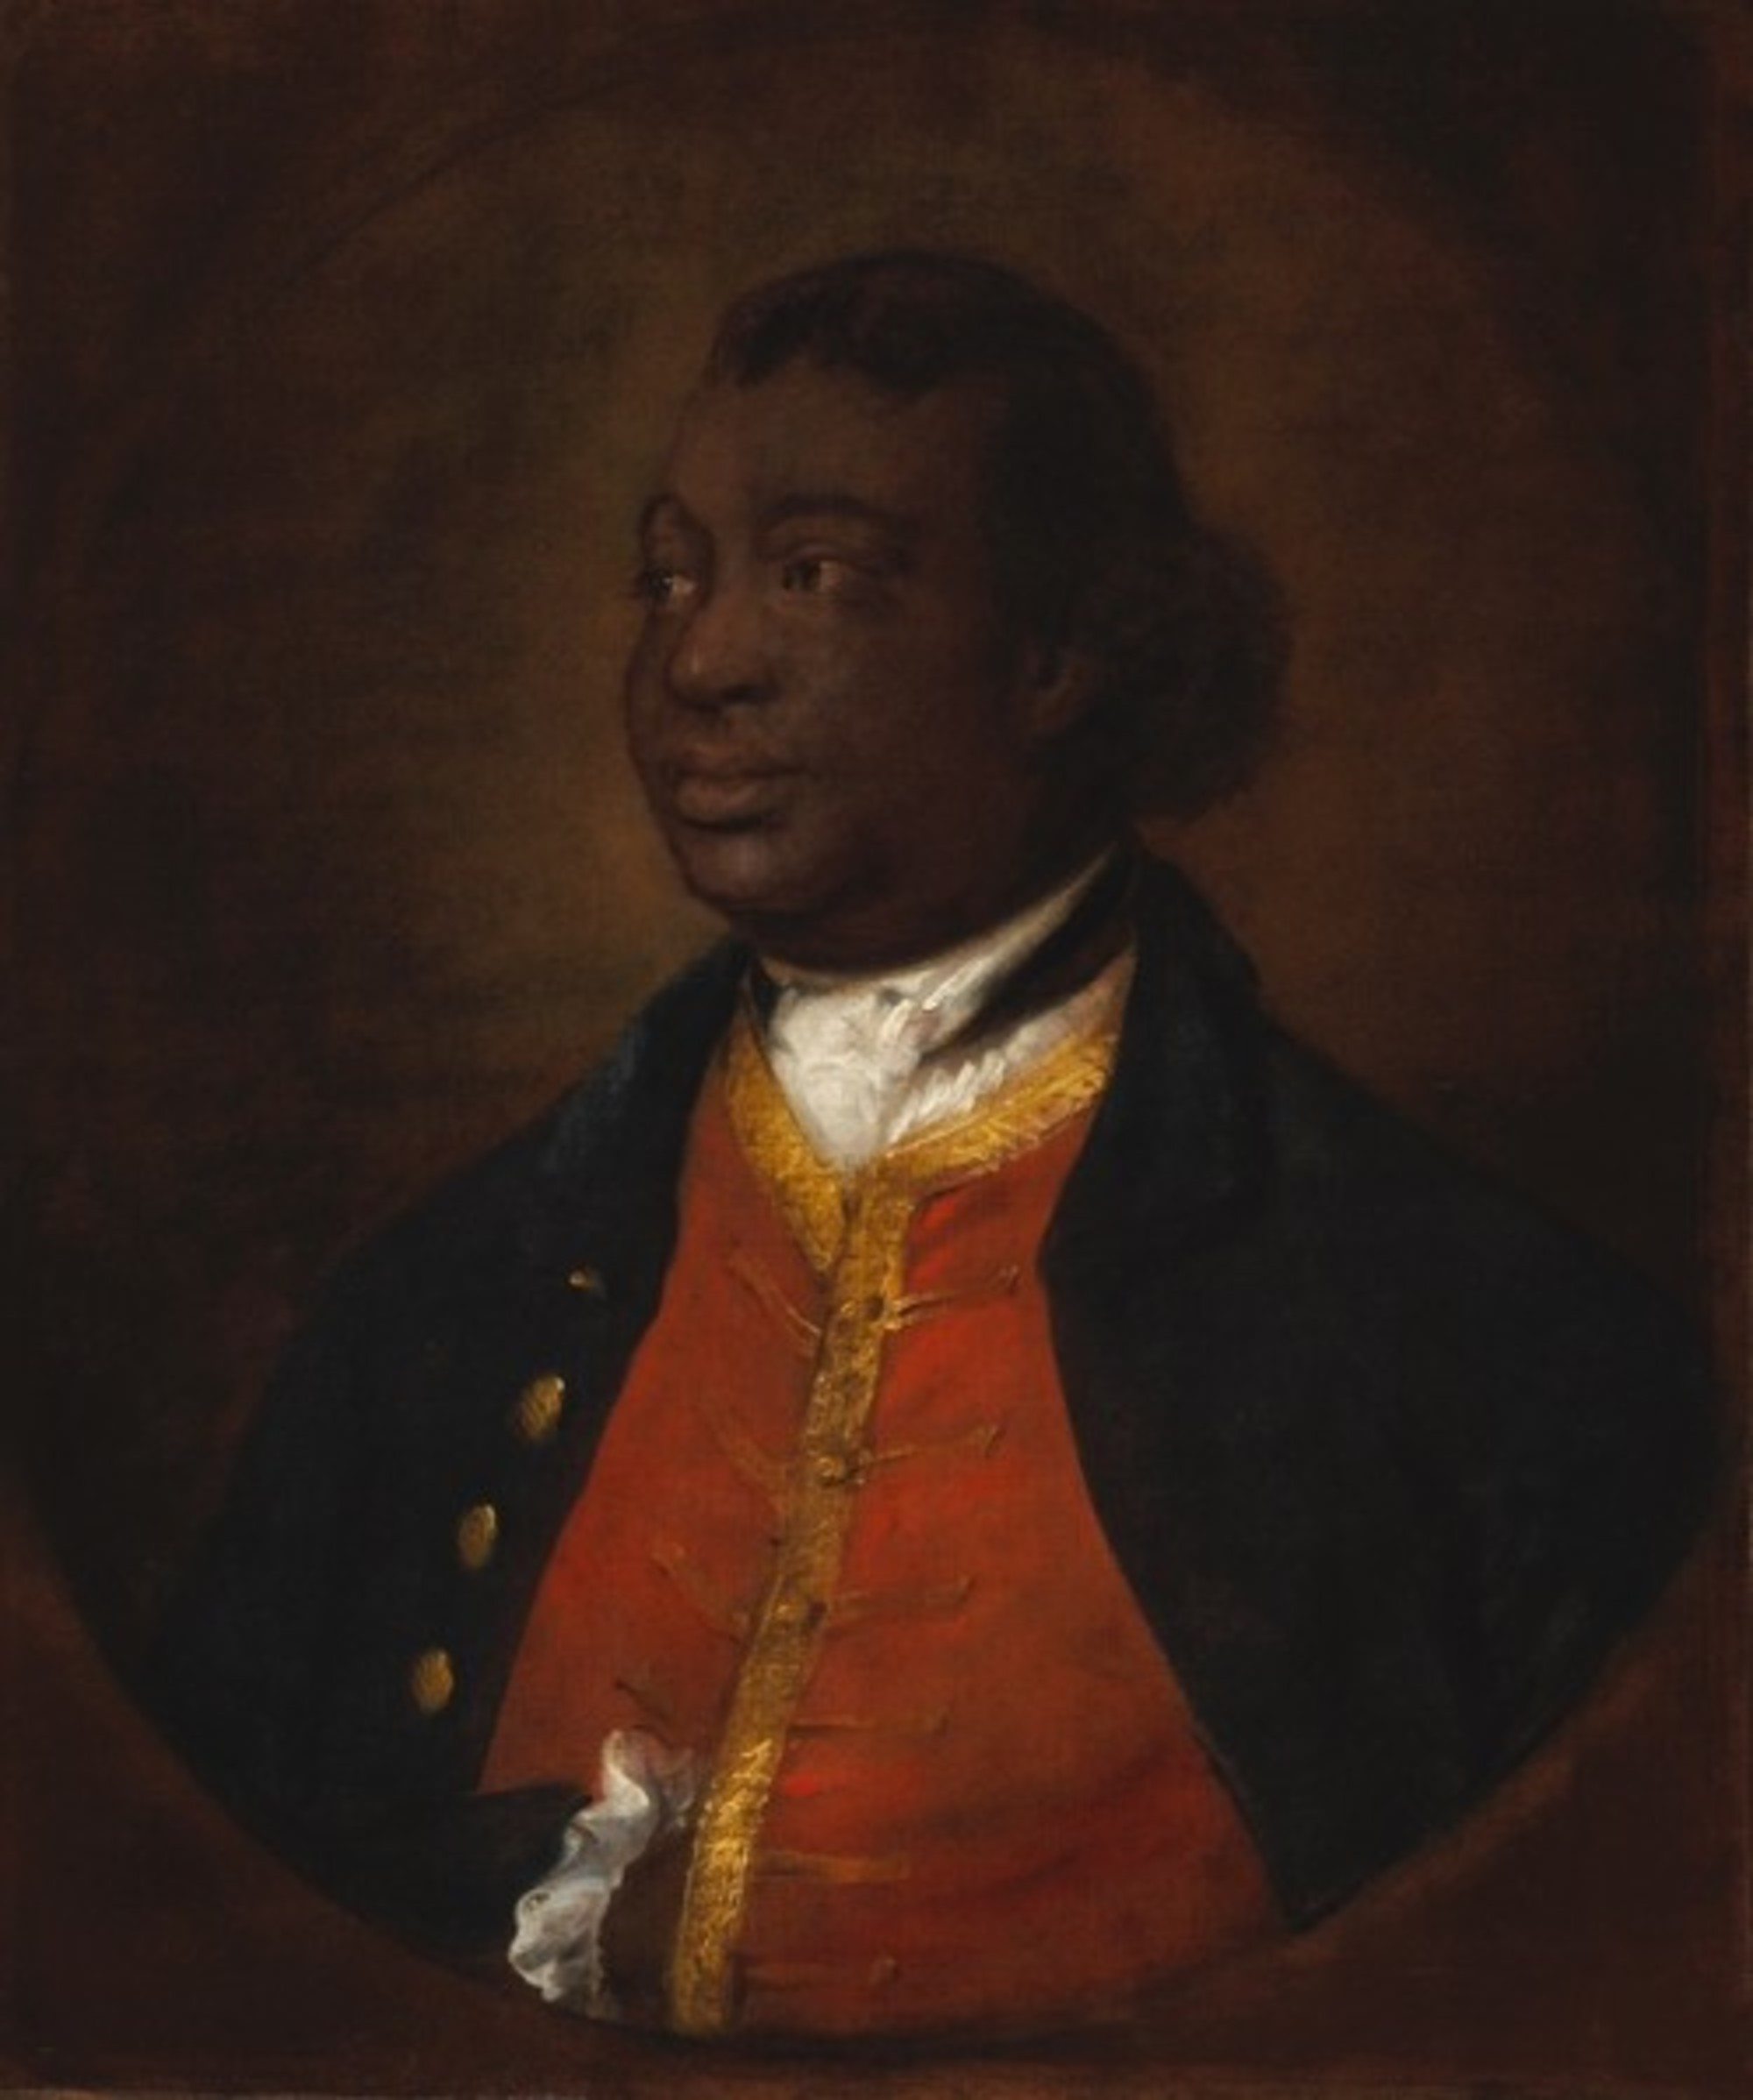 Ignatius_Sancho_1768.jpg